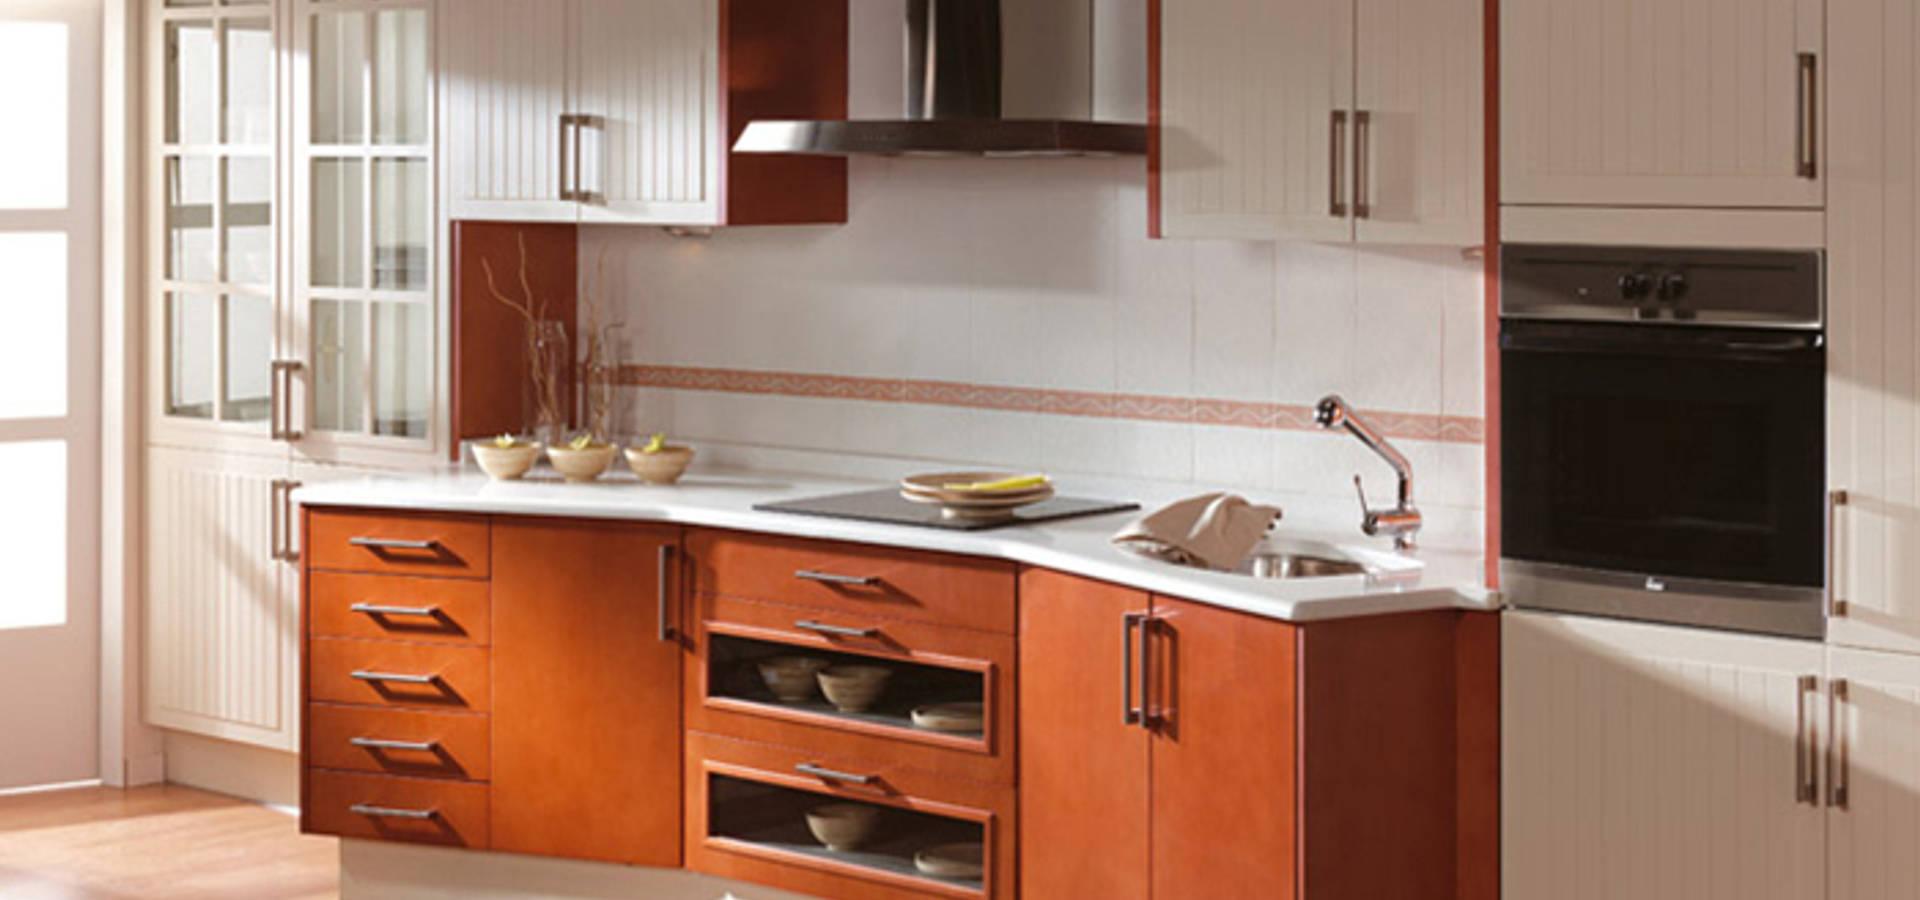 Cocinas enlinea dise adores de cocinas en madrid homify - Disenadores de cocinas ...